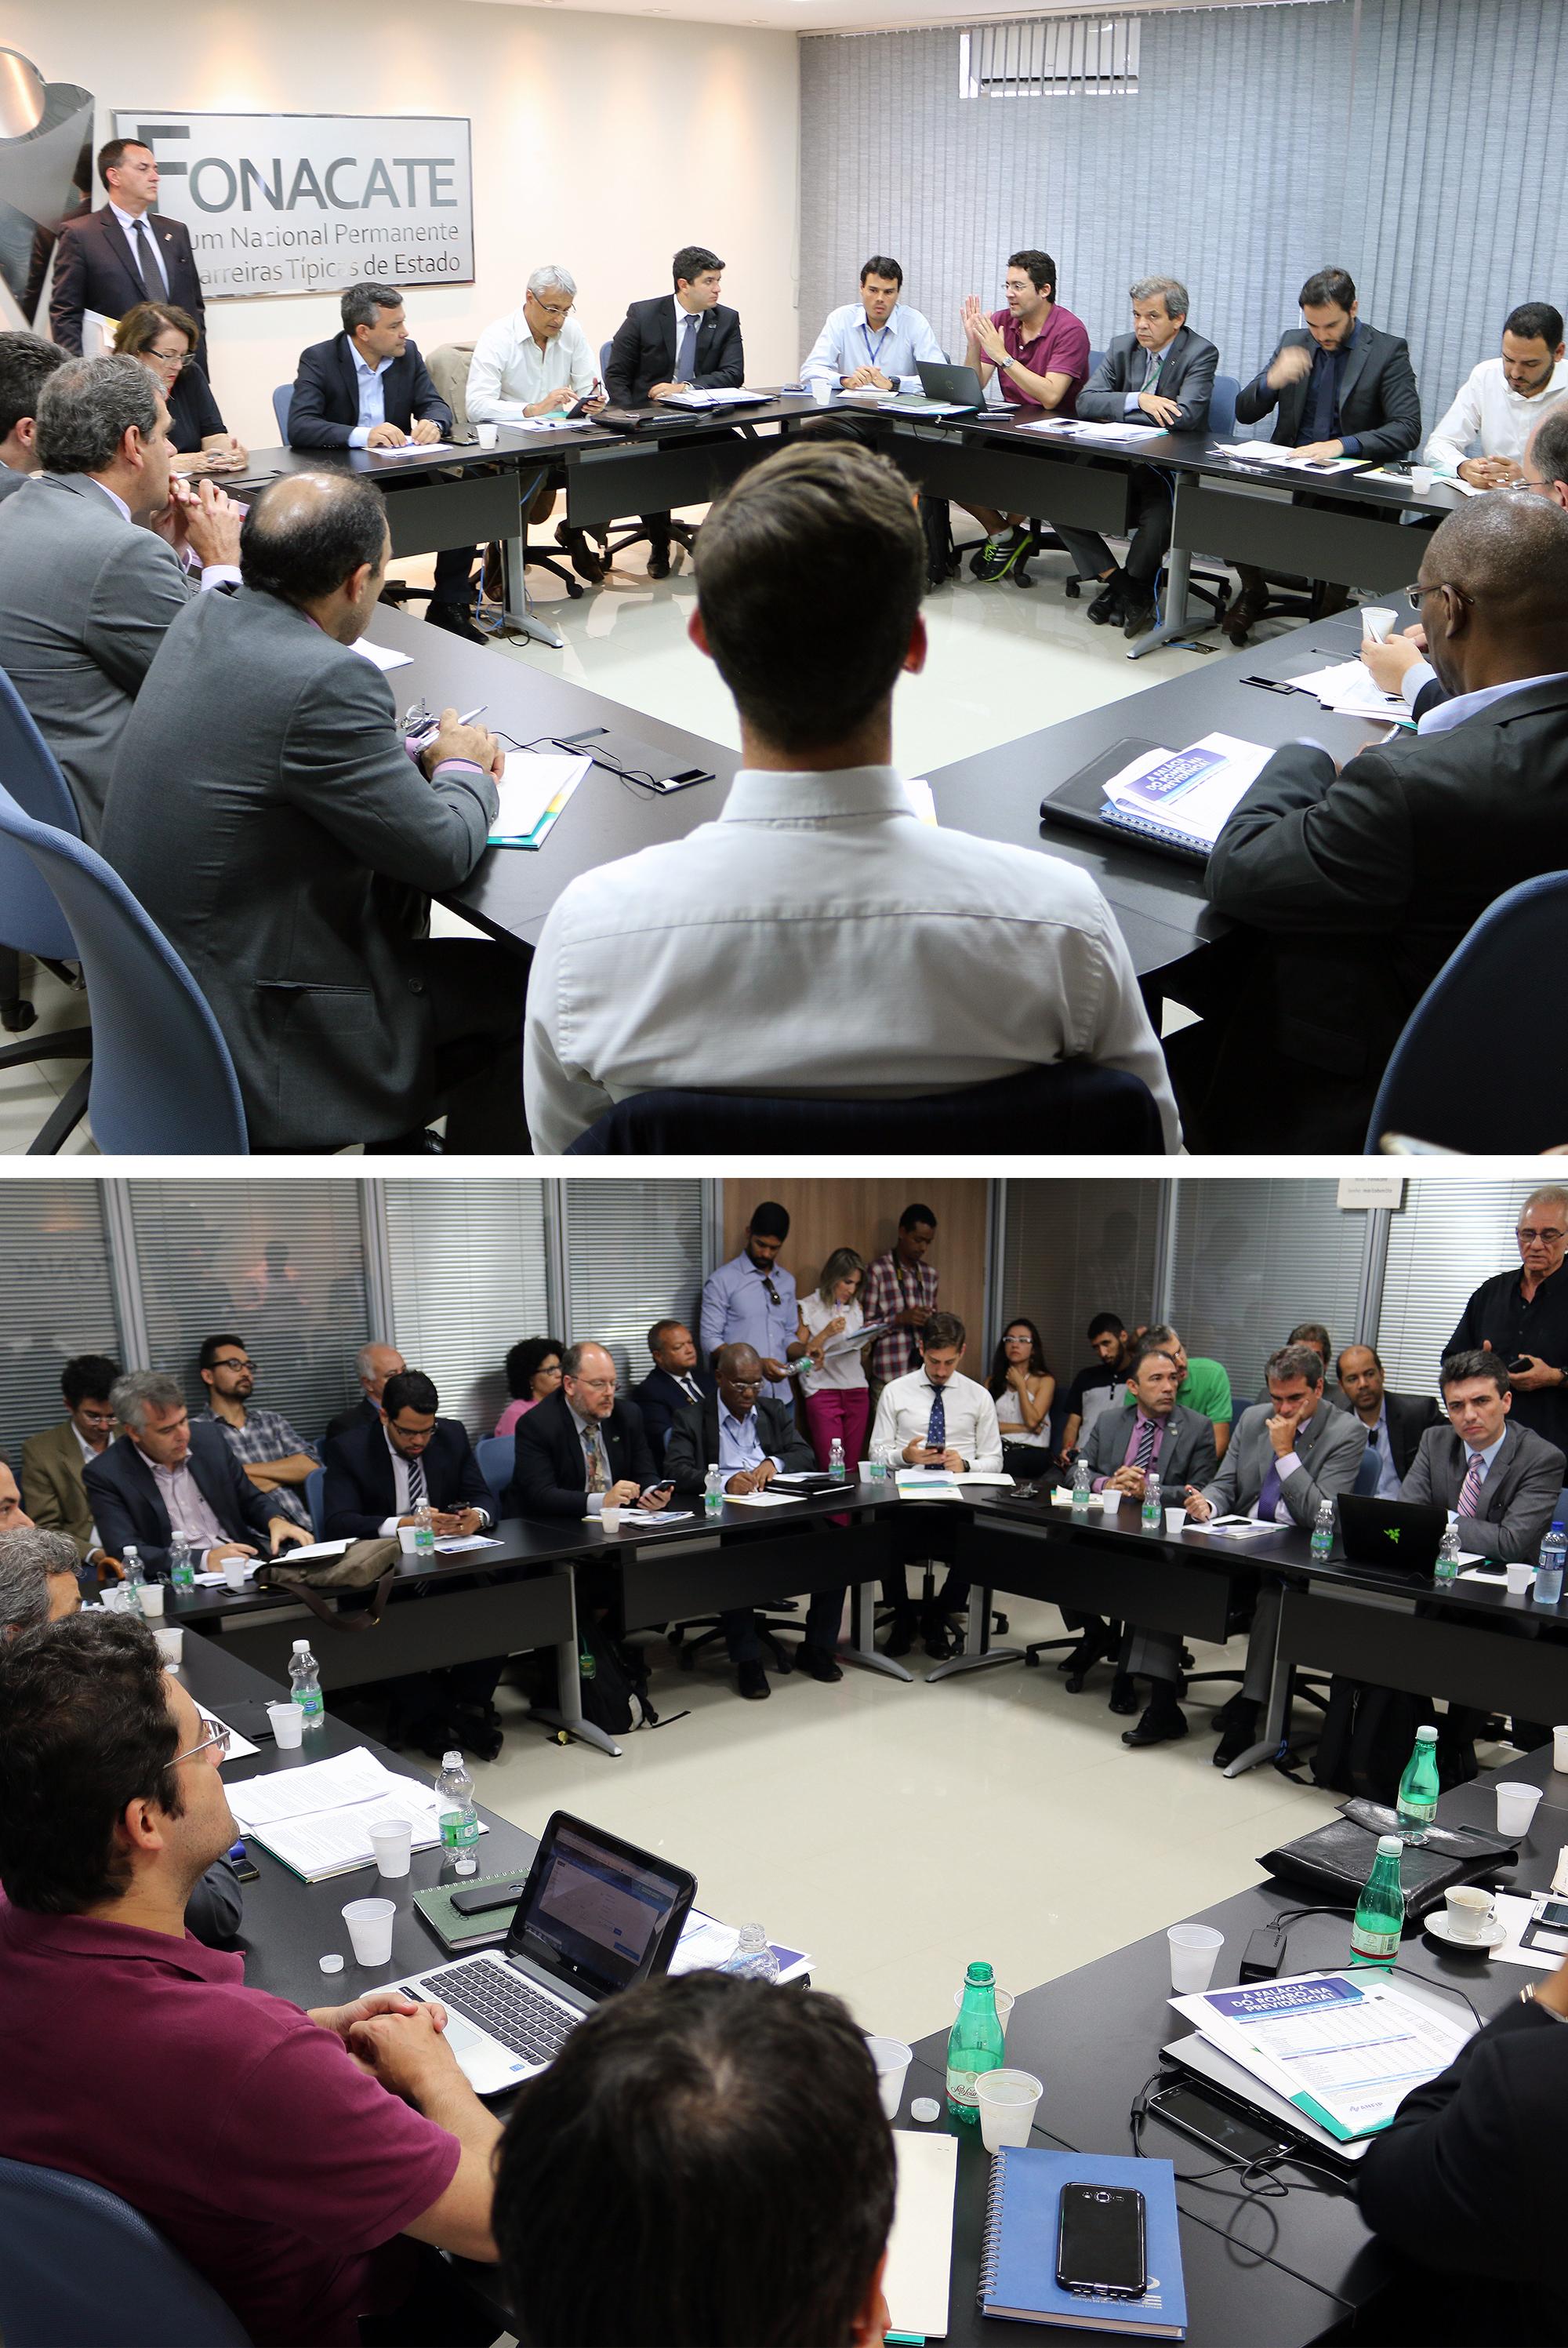 Líderes de entidades lotam auditório do Fórum. Fotos: Filipe Calmon / ANESP